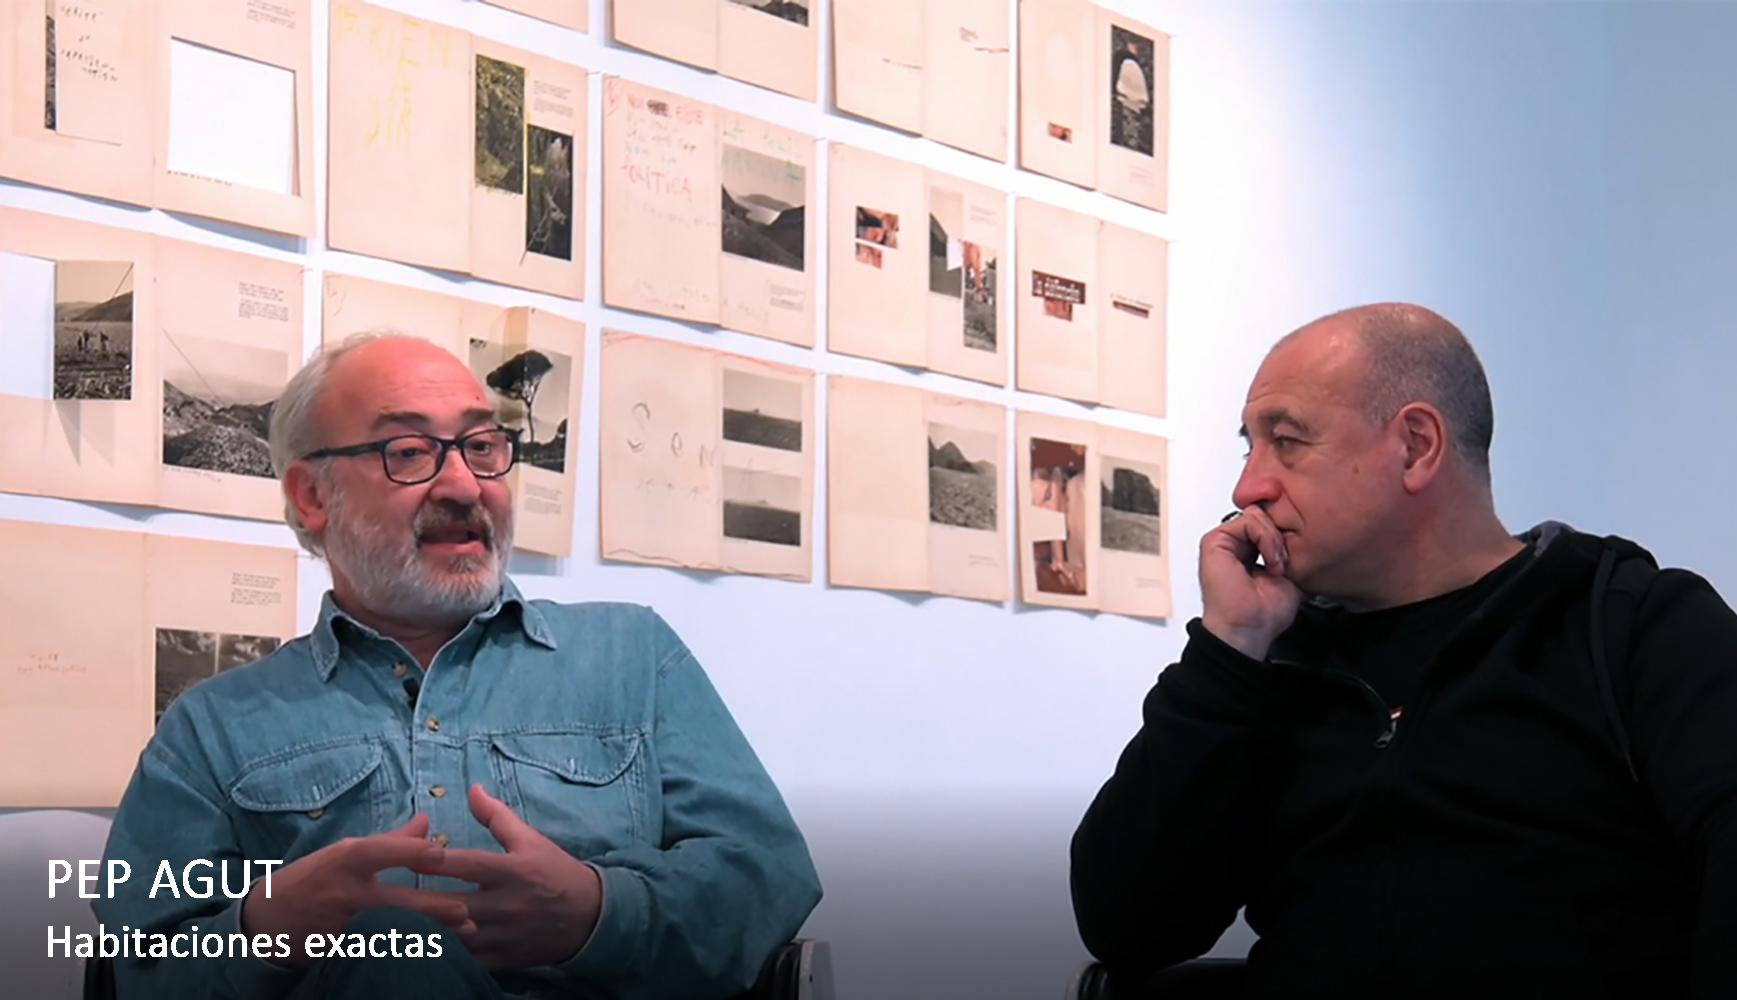 PA_Frame_Charla con José Maldonado_Habitaciones exactas_Febrero 2019